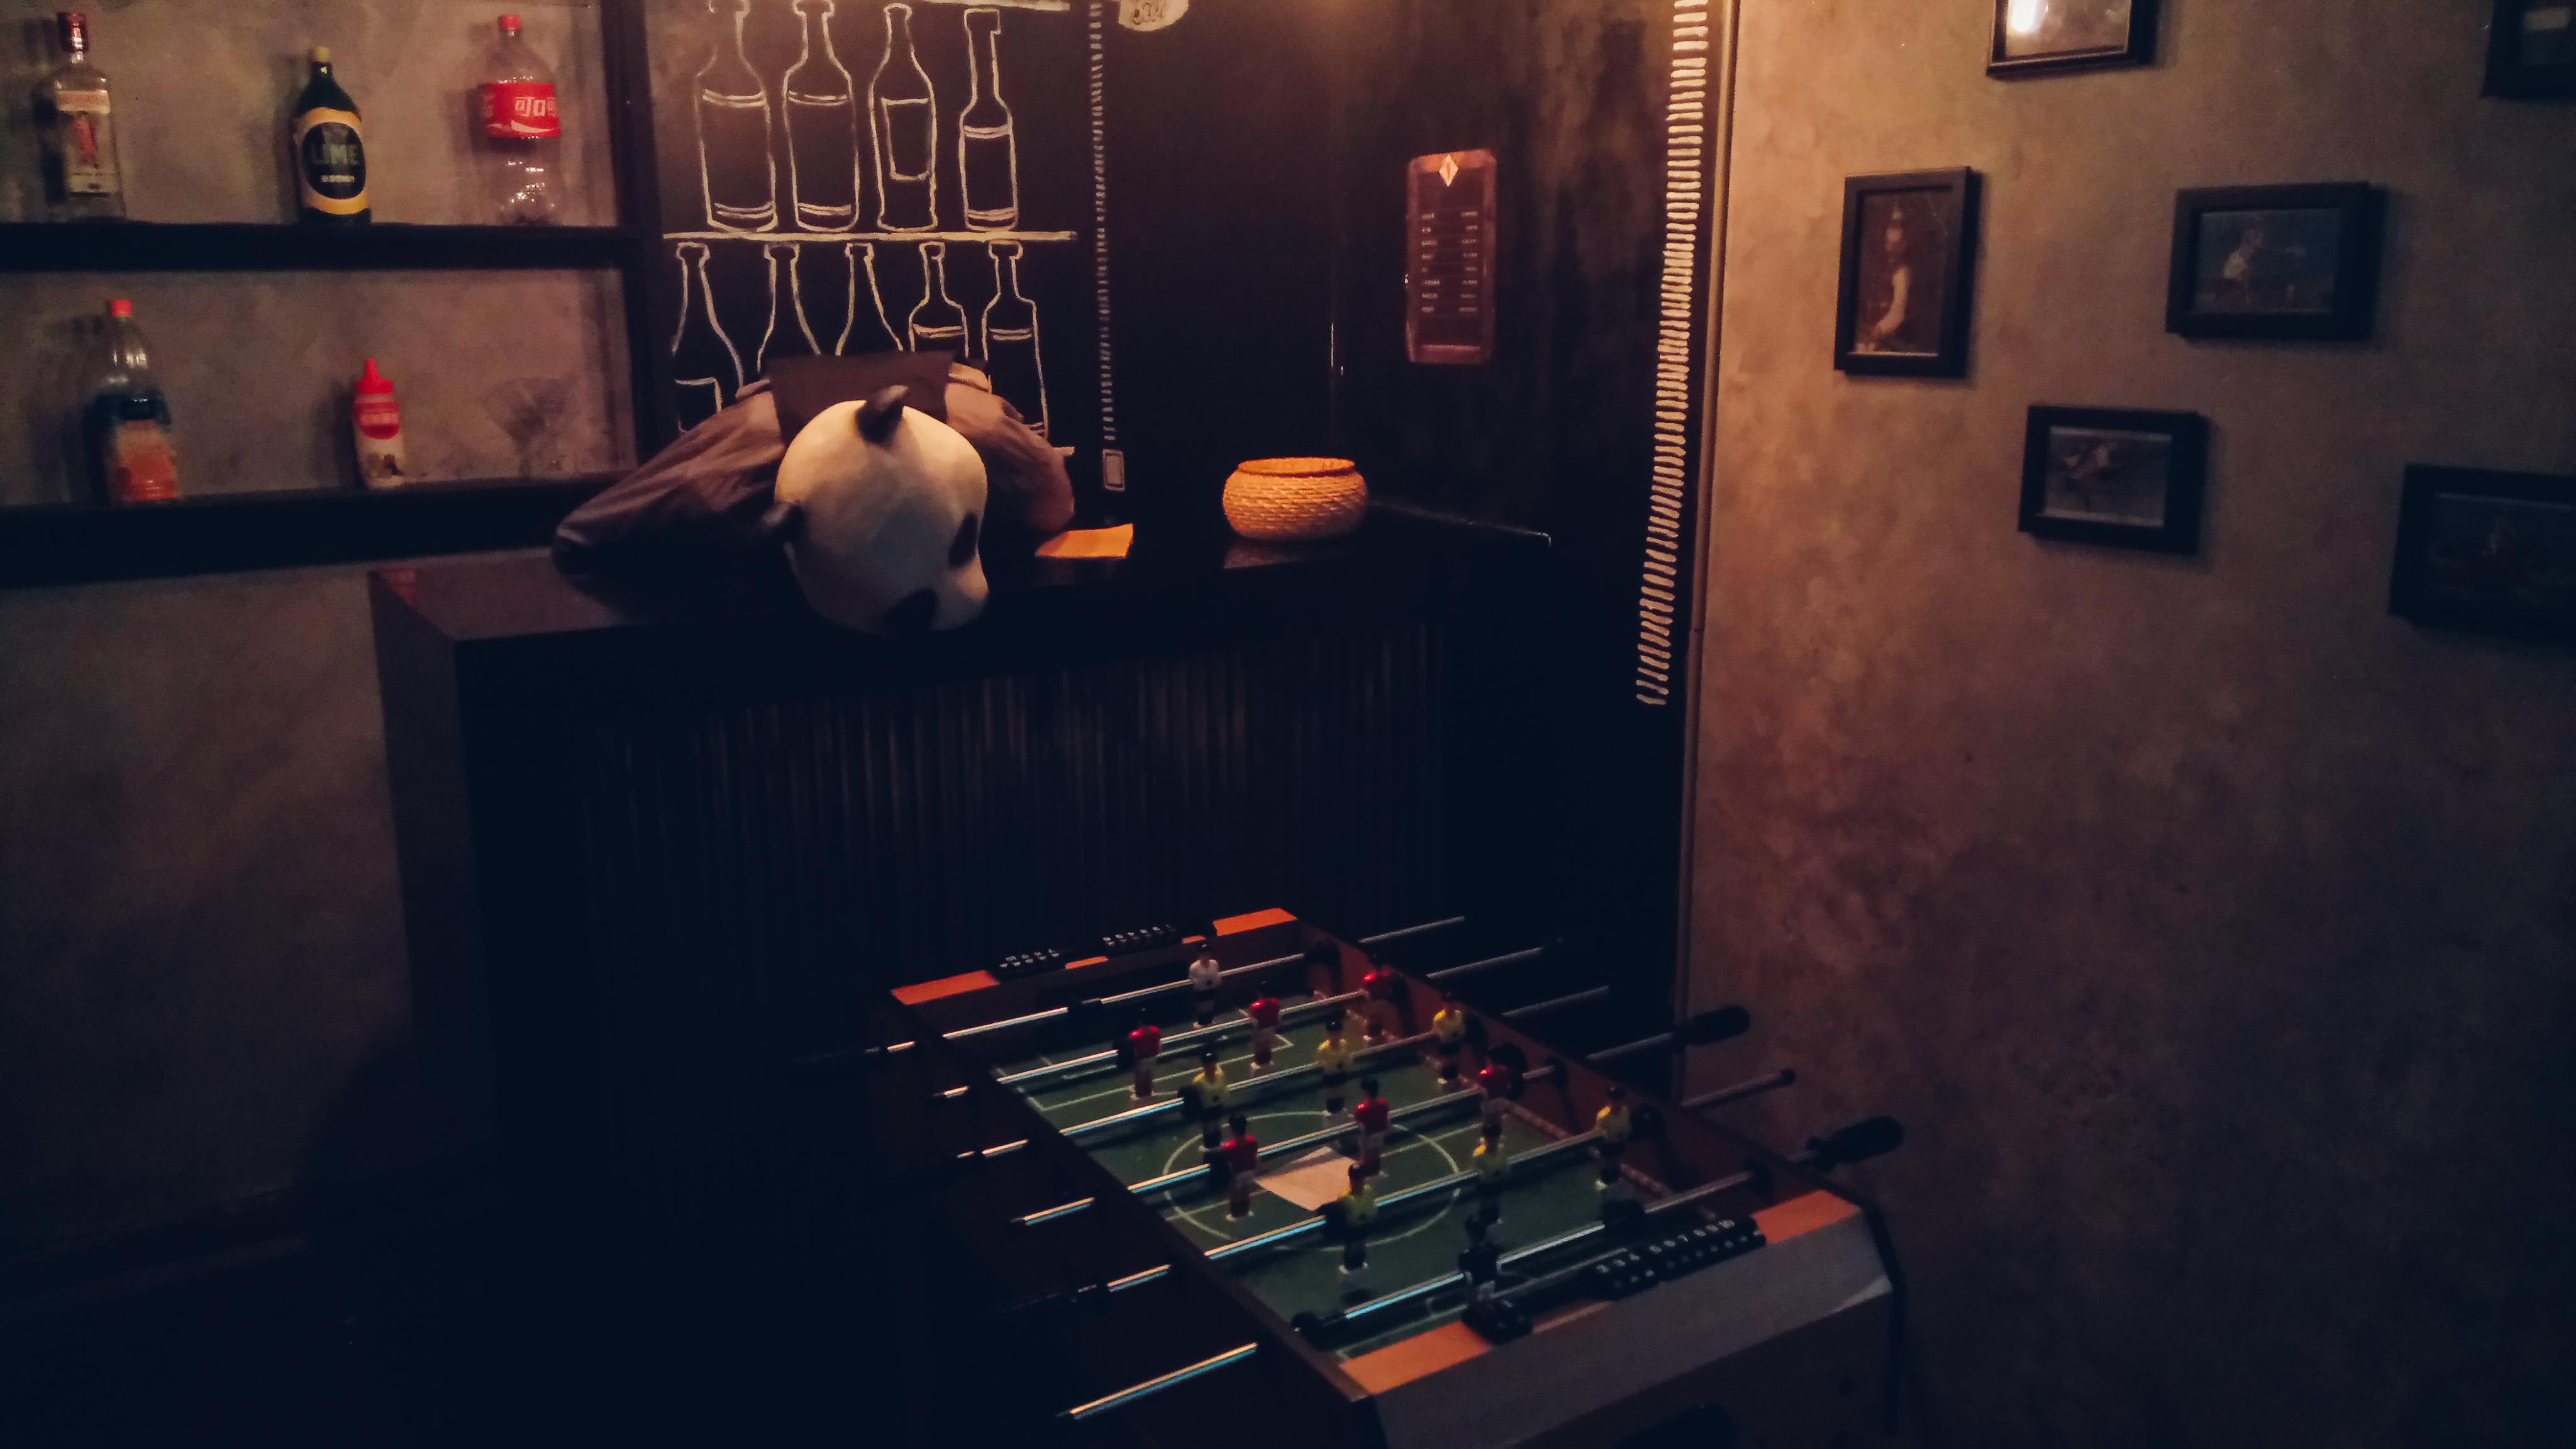 實境密室逃脫遊戲場景。攝影/潘姿穎